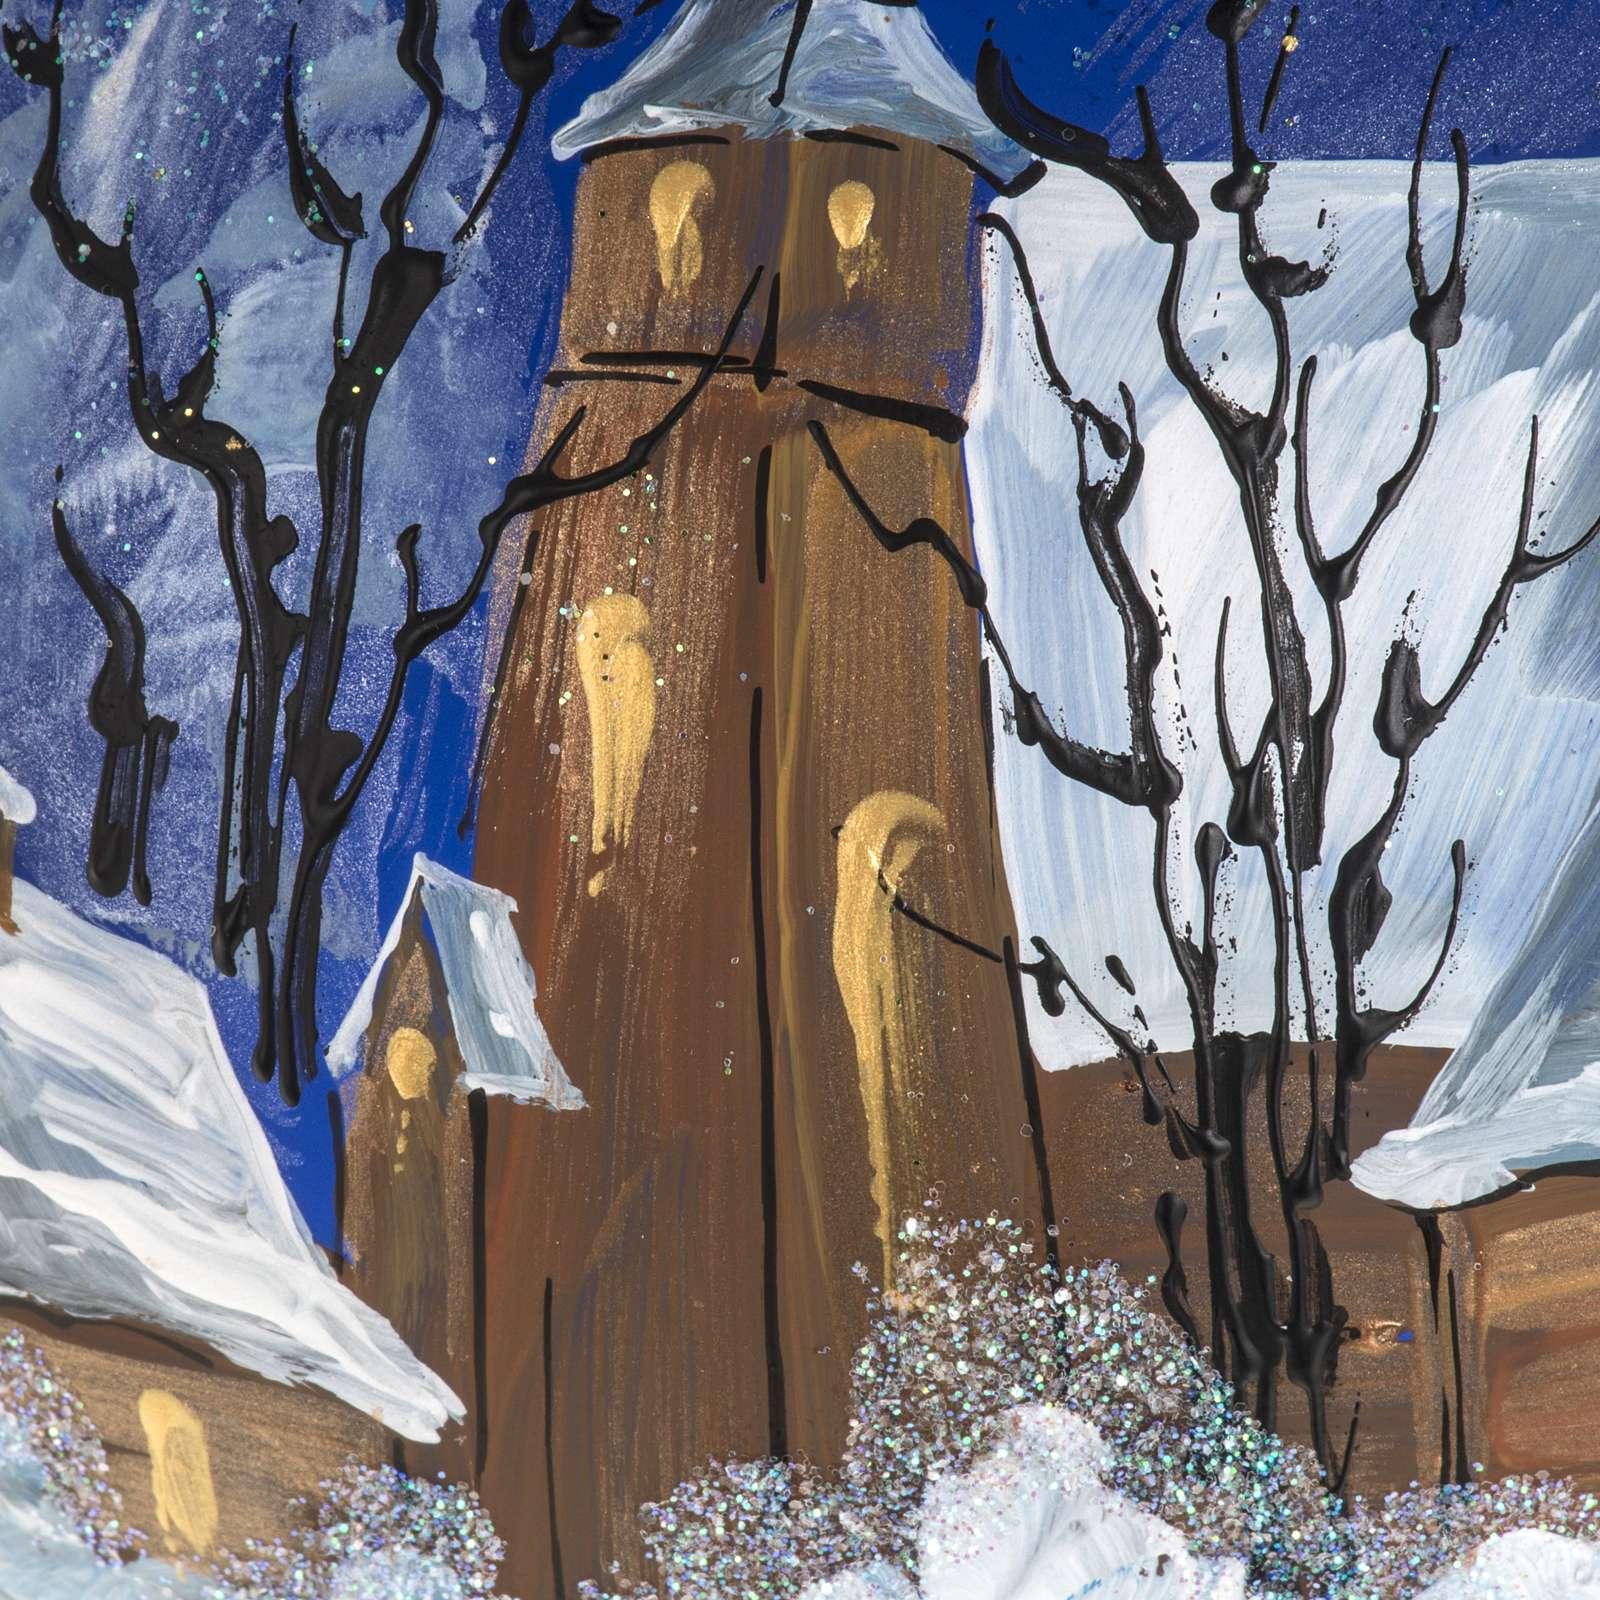 Tannenbaumkugel Glas Nacht Landschaft 15cm 4